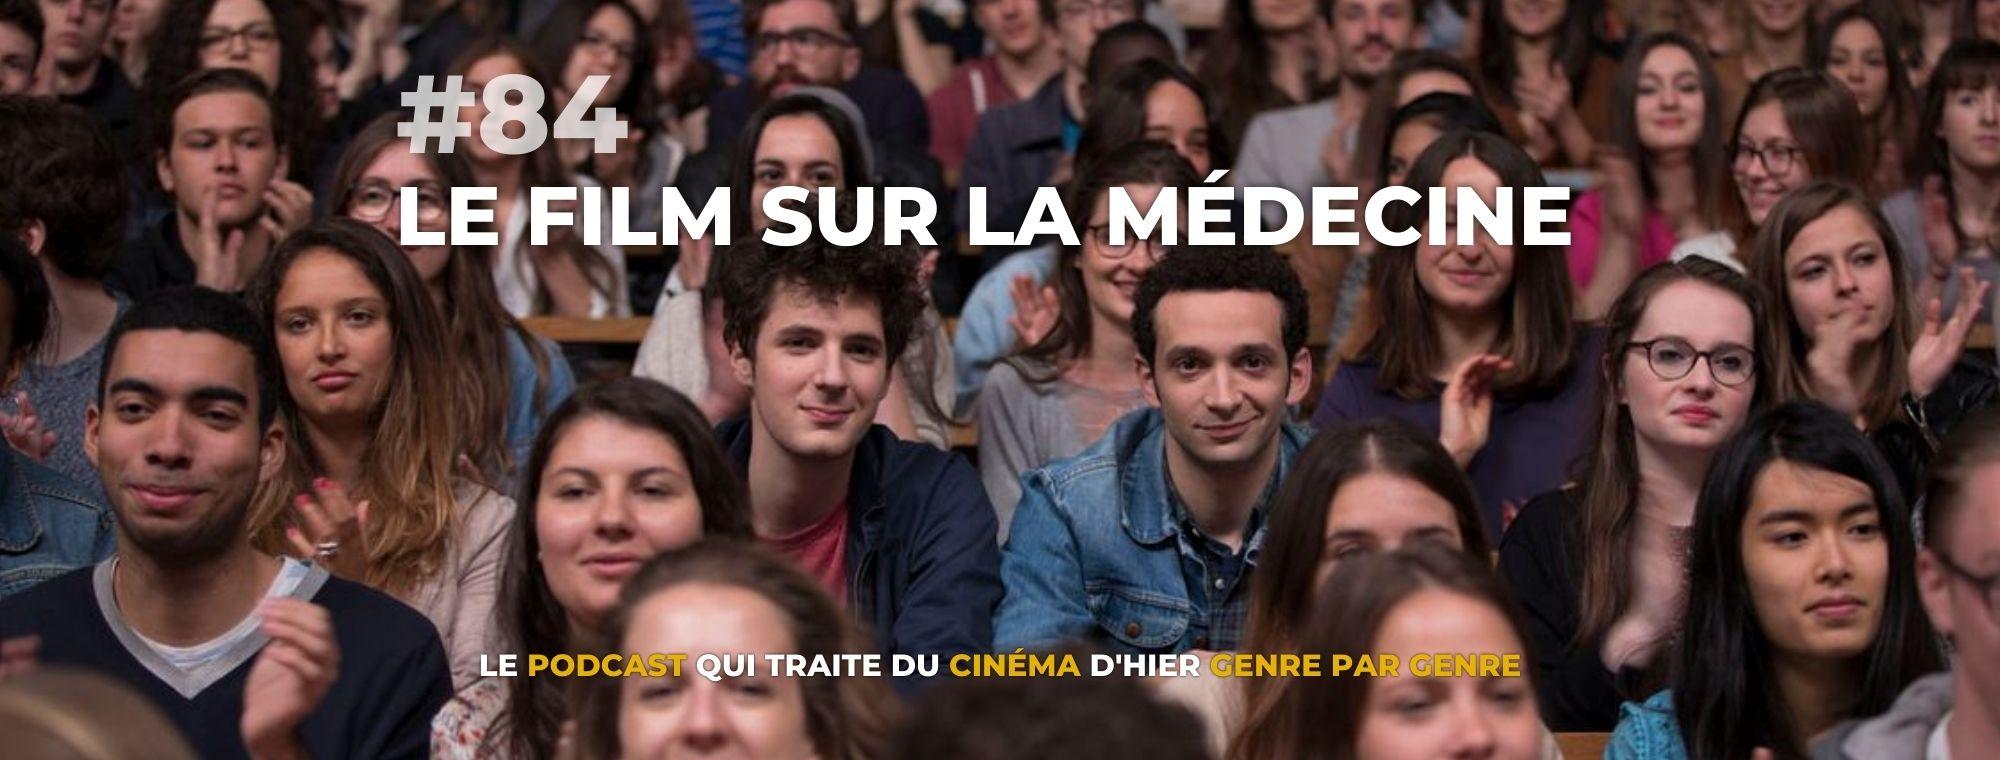 Parlons Péloches - #84 Le film sur la médecine